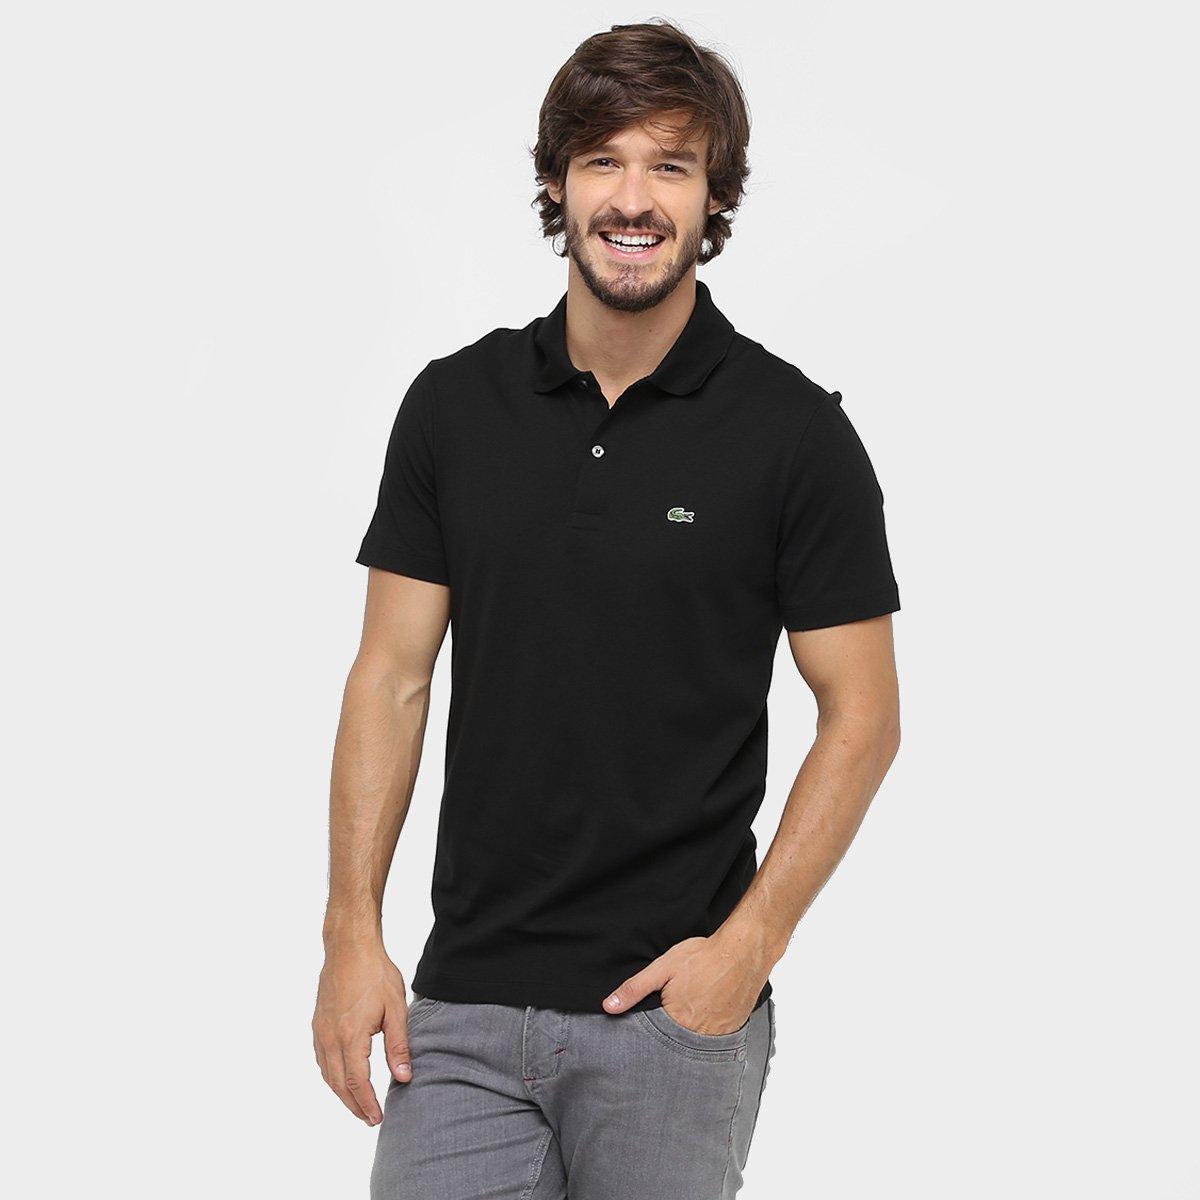 9e9912f34b29d Camisa Polo Lacoste Malha Original Fit Masculina